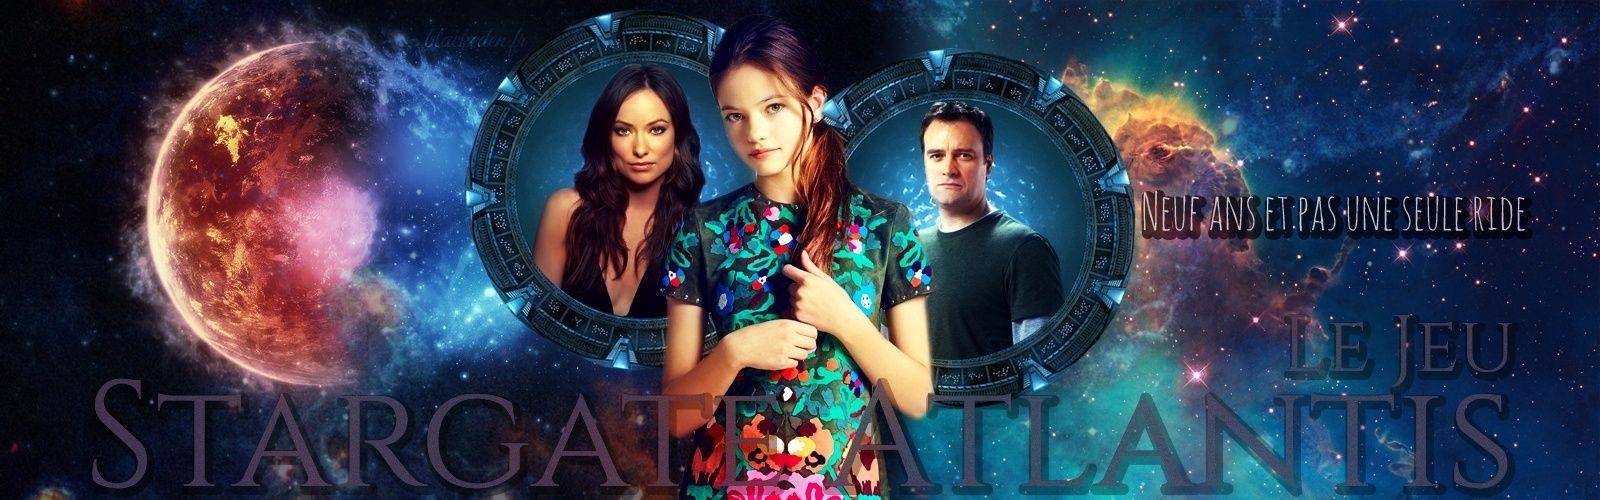 Demande de design Stargate Atlantis - Le Jeu Comman11